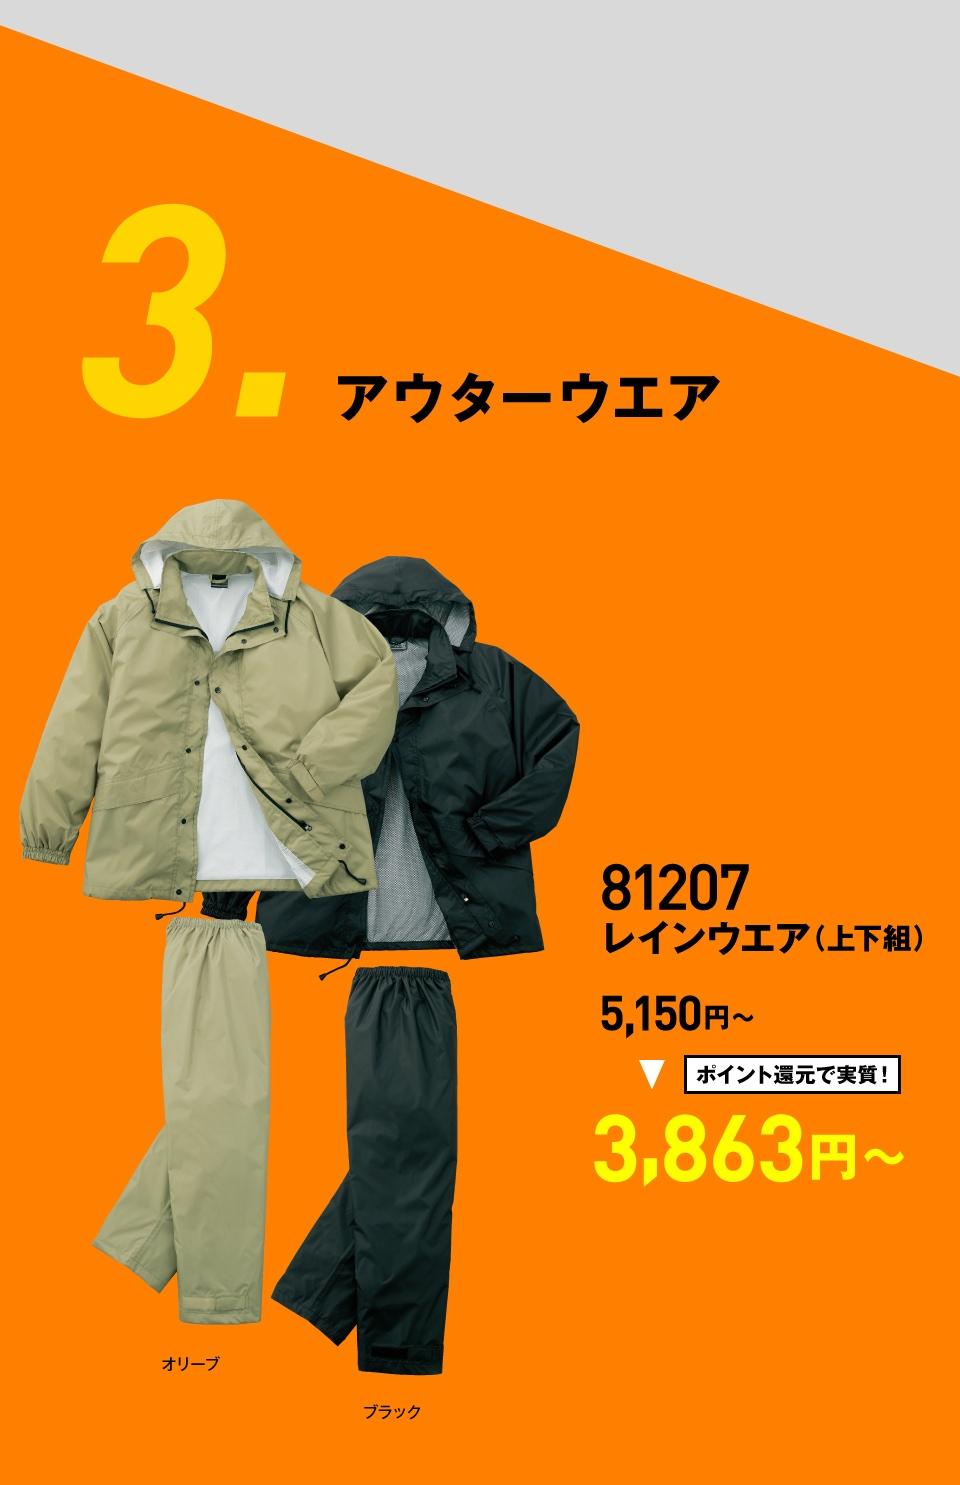 81207 5,050円〜ポイント還元で実質3,788円